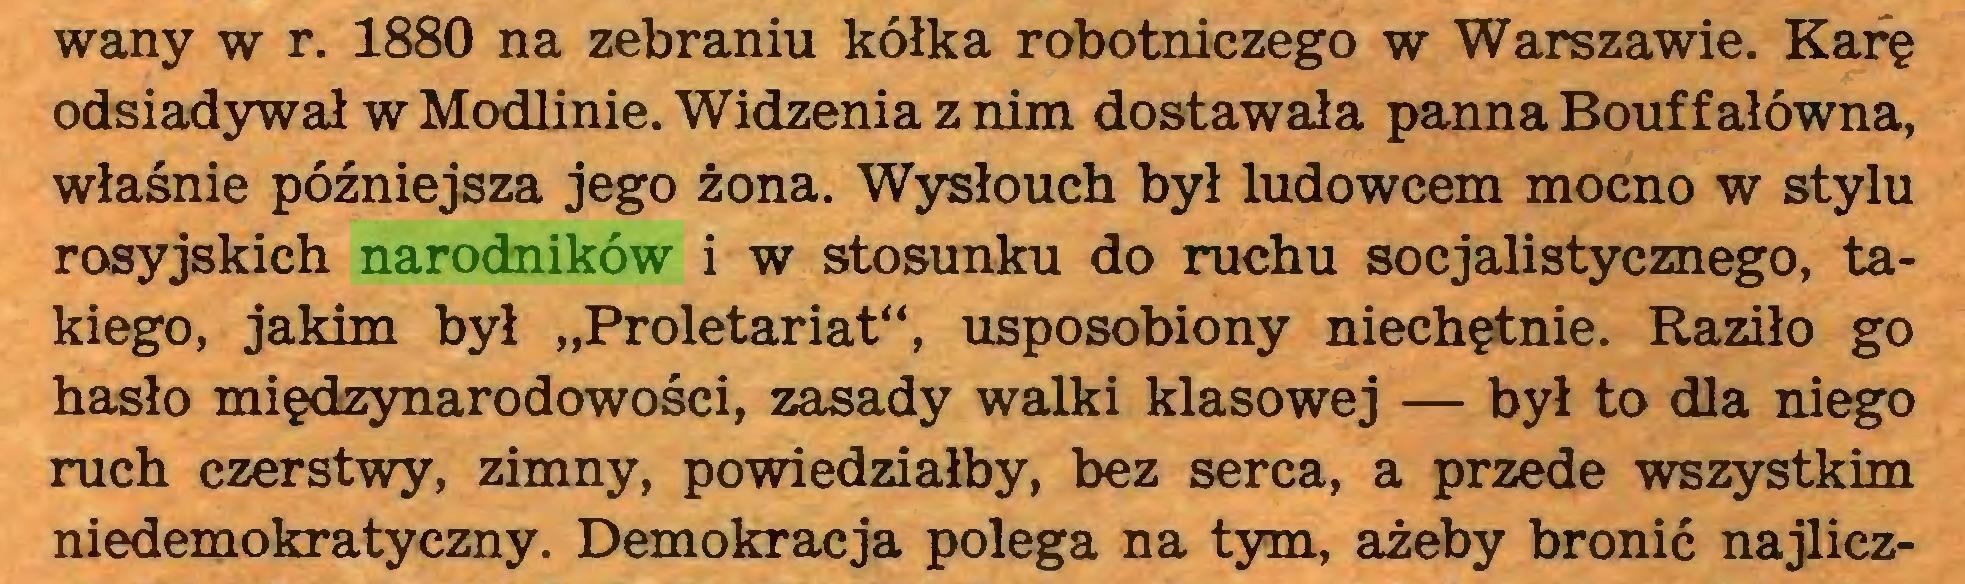 """(...) wany w r. 1880 na zebraniu kółka robotniczego w Warszawie. Karę odsiadywał w Modlinie. Widzenia z nim dostawała panna Bouff ałówna, właśnie późniejsza jego żona. Wysłouch był ludowcem mocno w stylu rosyjskich narodników i w stosunku do ruchu socjalistycznego, takiego, jakim był """"Proletariat"""", usposobiony niechętnie. Raziło go hasło międzynarodowości, zasady walki klasowej — był to dla niego ruch czerstwy, zimny, powiedziałby, bez serca, a przede wszystkim niedemokratyczny. Demokracja polega na tym, ażeby bronić najlicz..."""